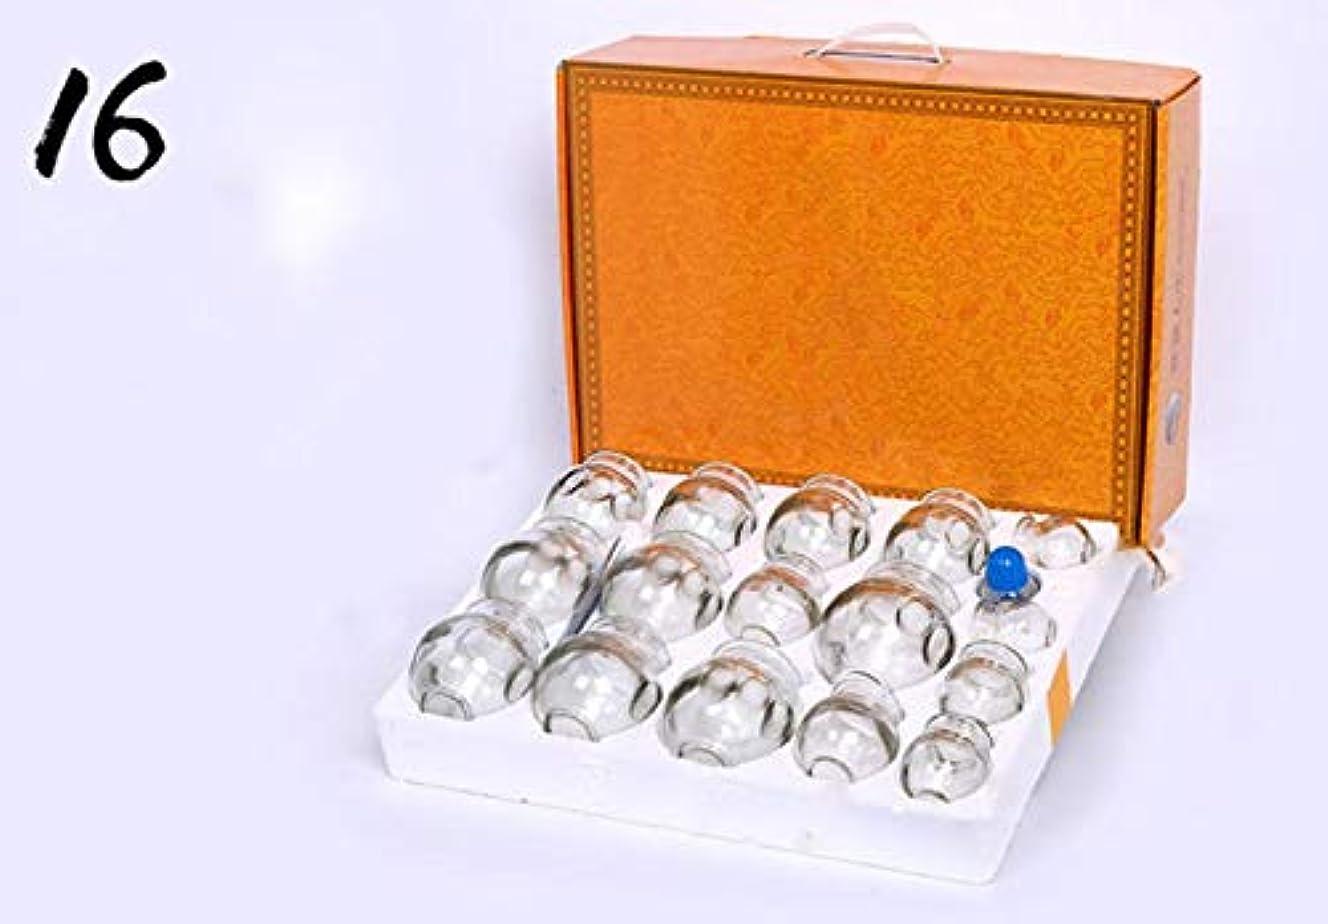 上向き発行バルブカッピング/ガラスカッピング/増粘火災治療全身倦怠感/フィットネス/健康マッサージ/除湿を低減するために使用さ防爆カッピング/ 16のボトル (Color : White, Size : 16 cans)